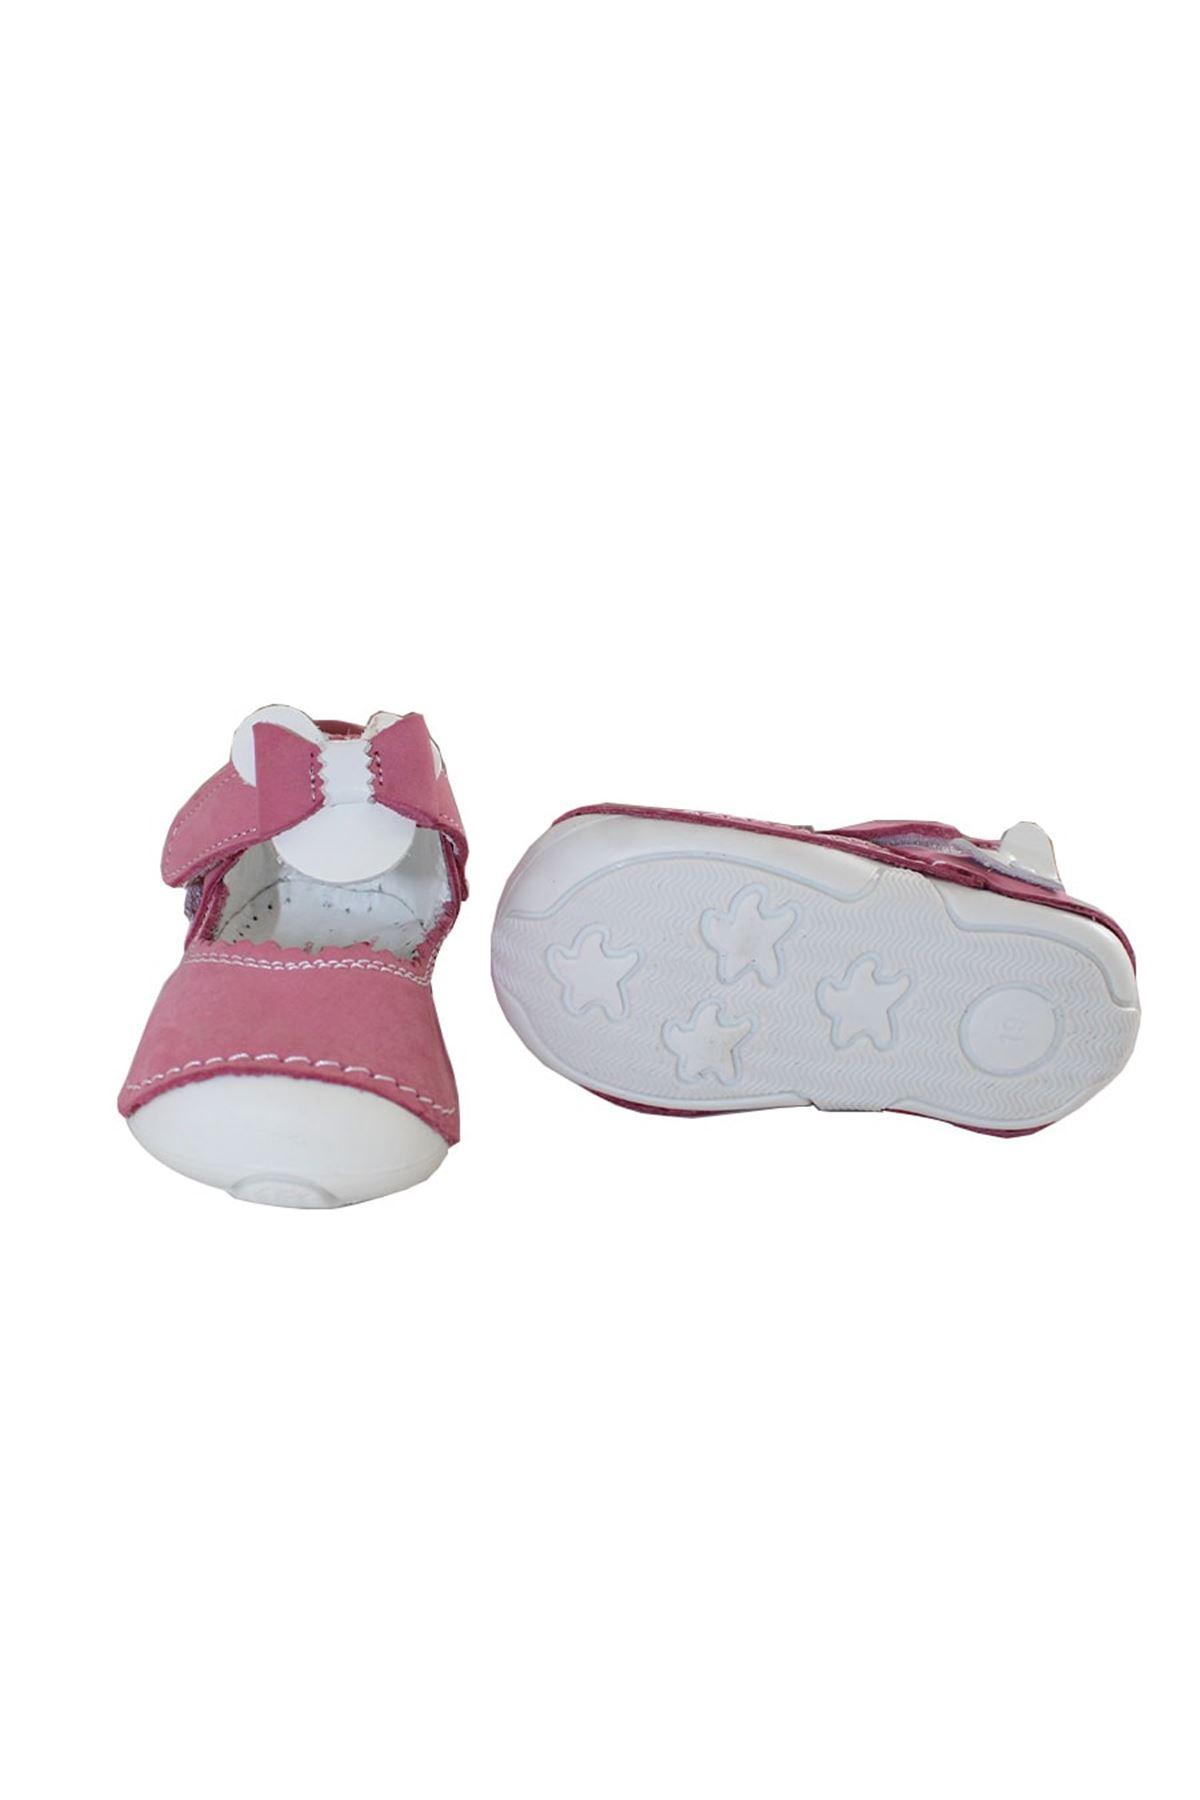 Hakiki Deri Ortopedik Yazlık Fiyonklu Pembe Kız Çocuk İlk Adım Ayakkabısı